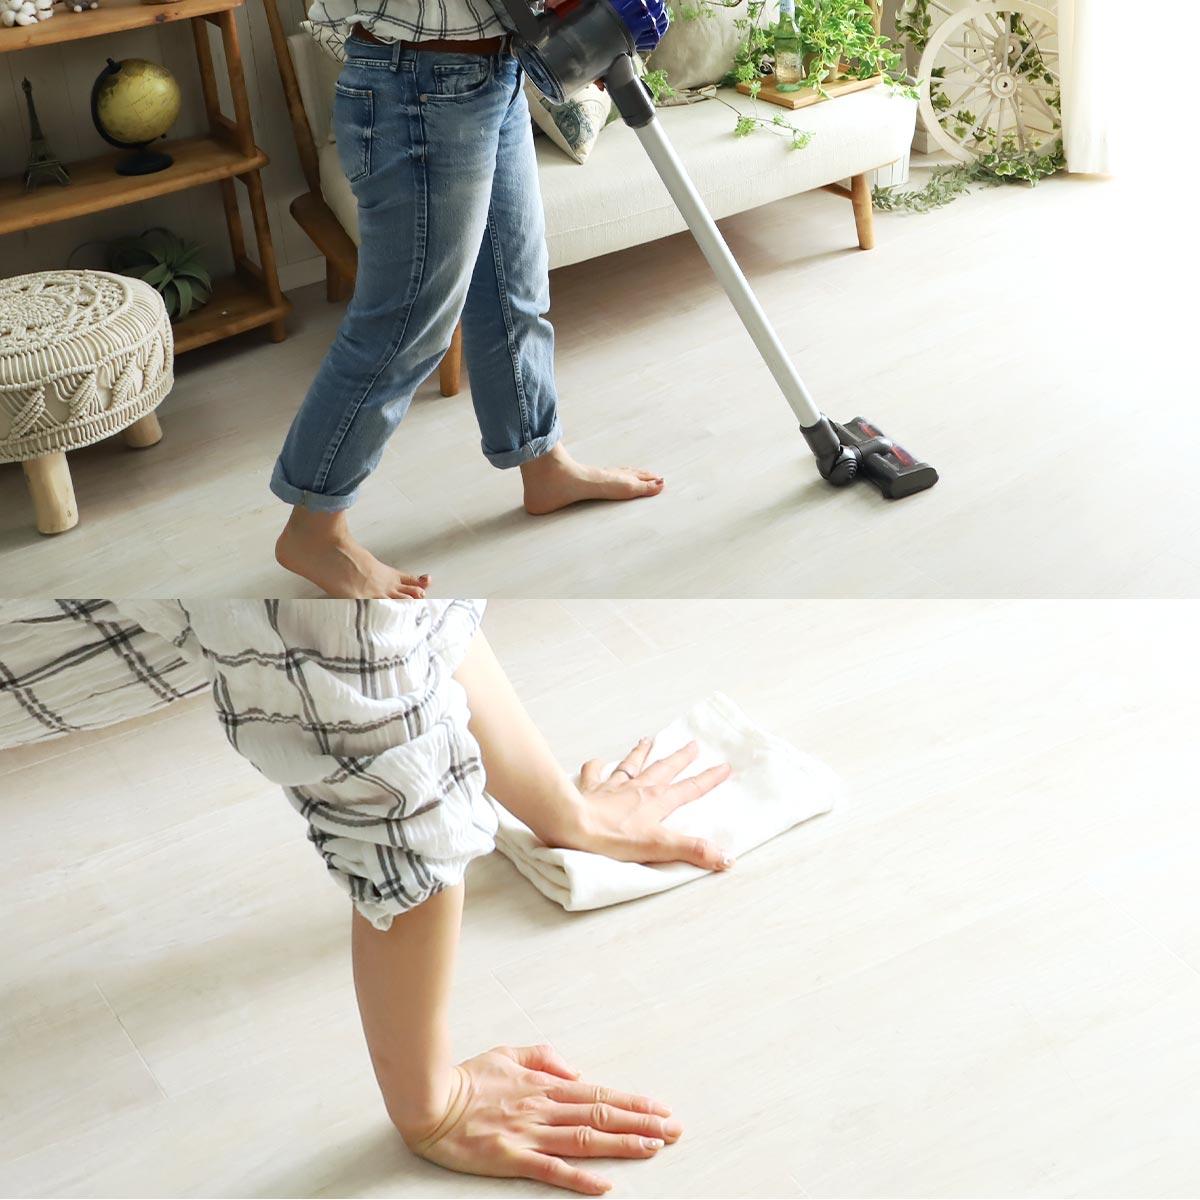 すべり止めの効果を最大限生かすため、掃除機で床のホコリやゴミをしっかり取り除いてください。